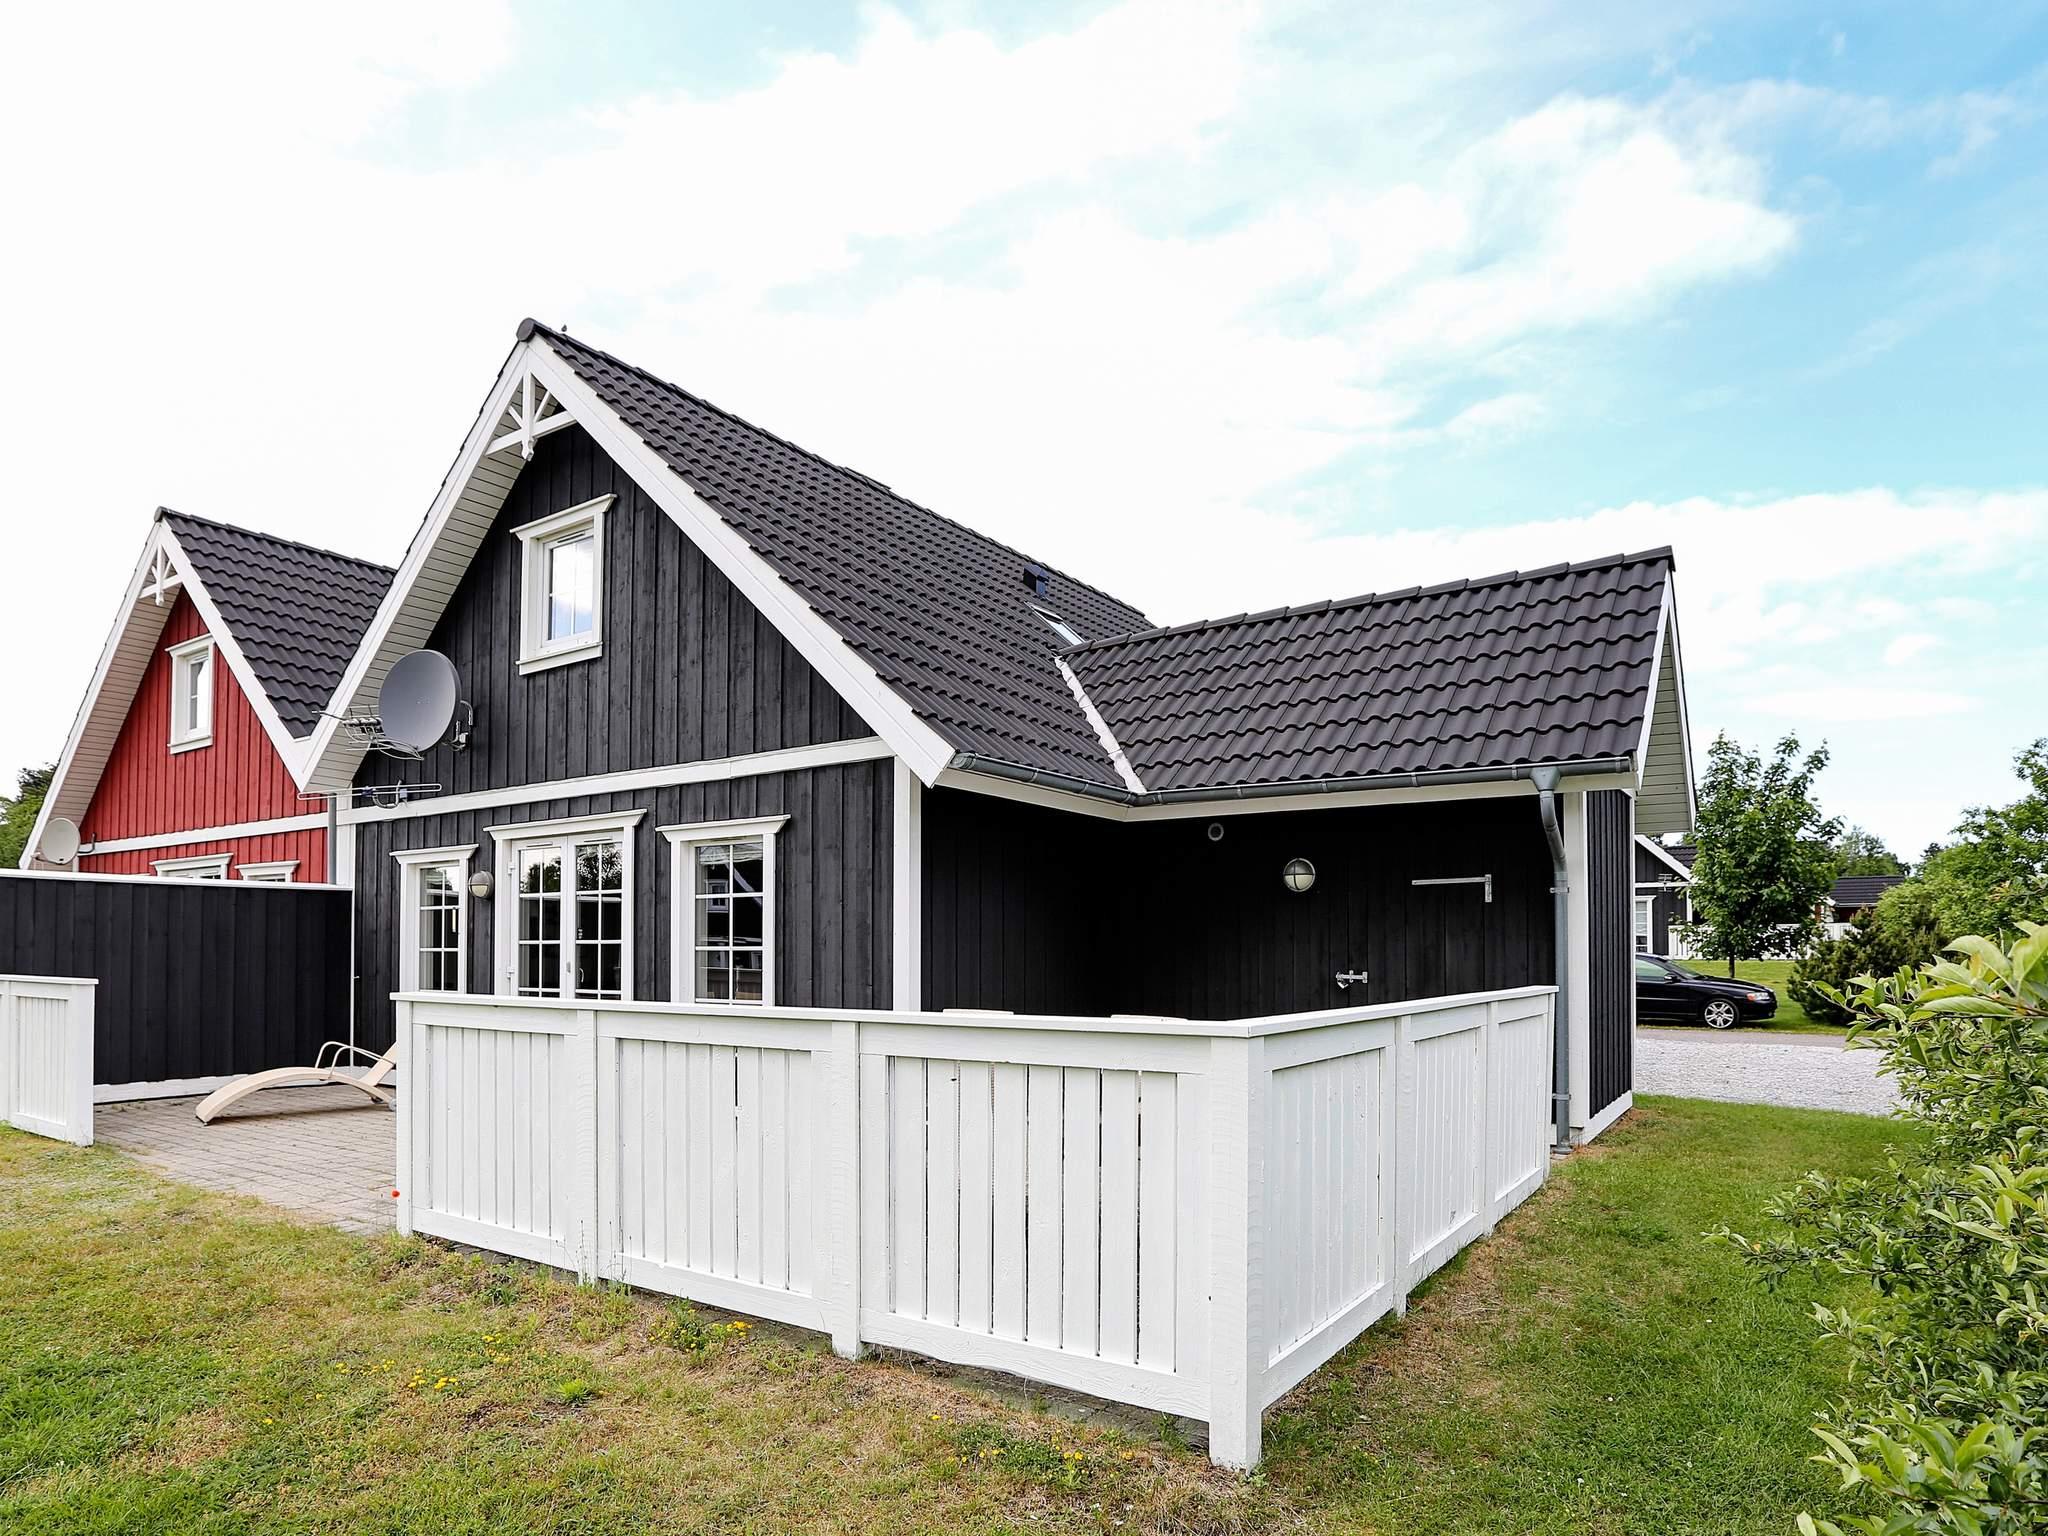 Ferienhaus Rågeleje (469708), Rågeleje, , Nordseeland, Dänemark, Bild 19